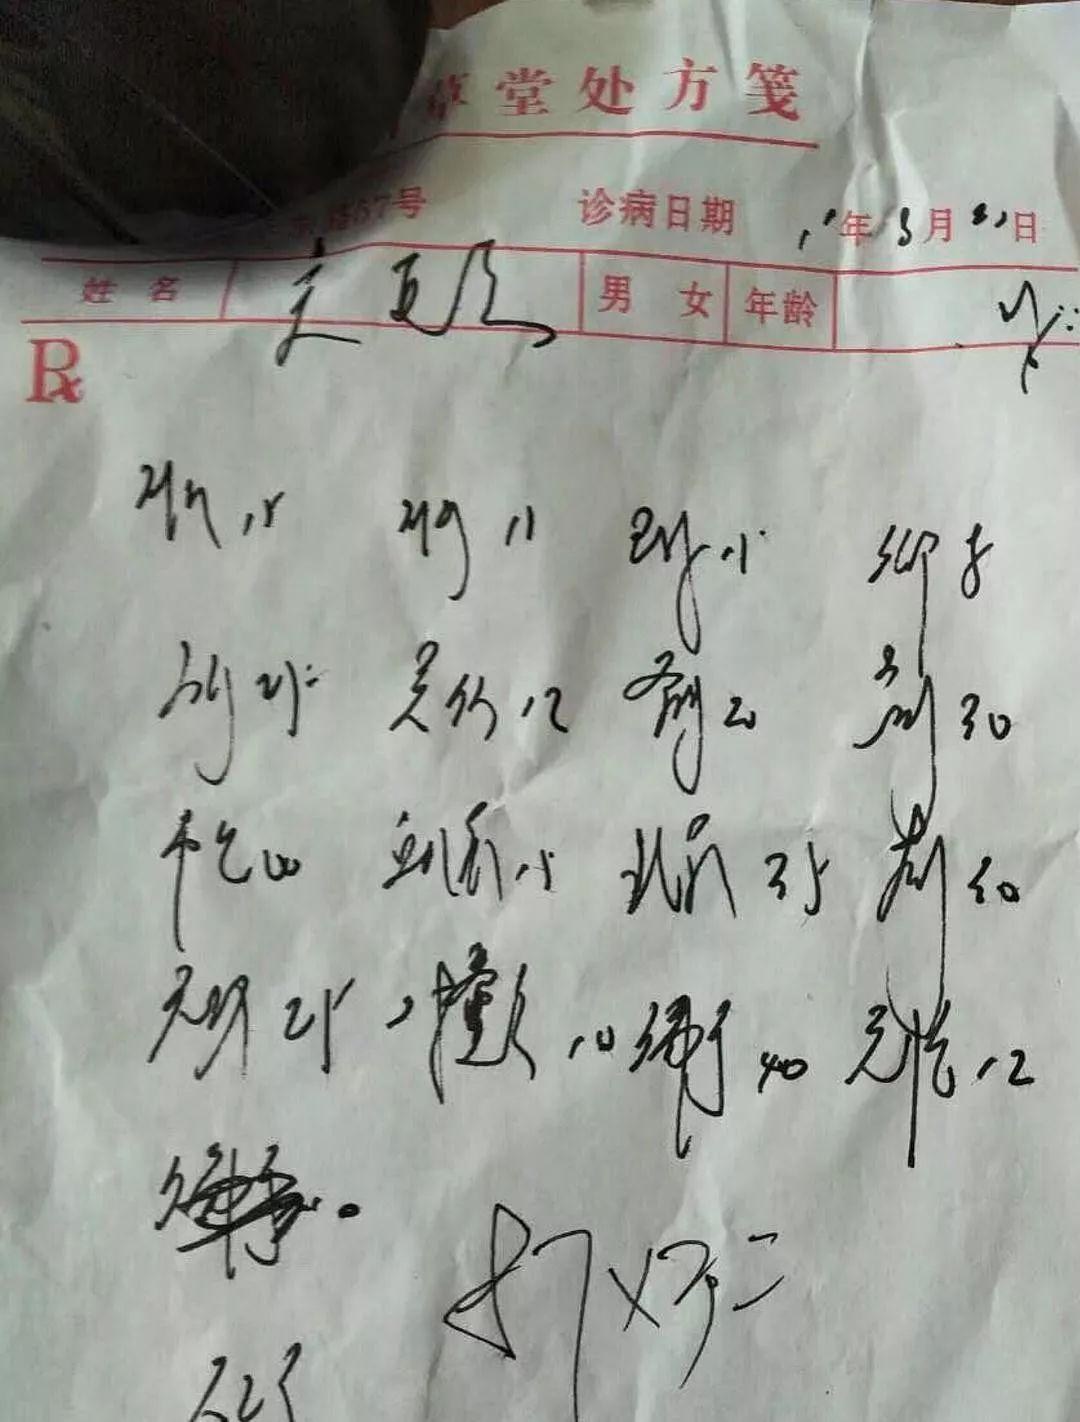 fdb8443e442f494298ed53cc9a4bd395.jpeg